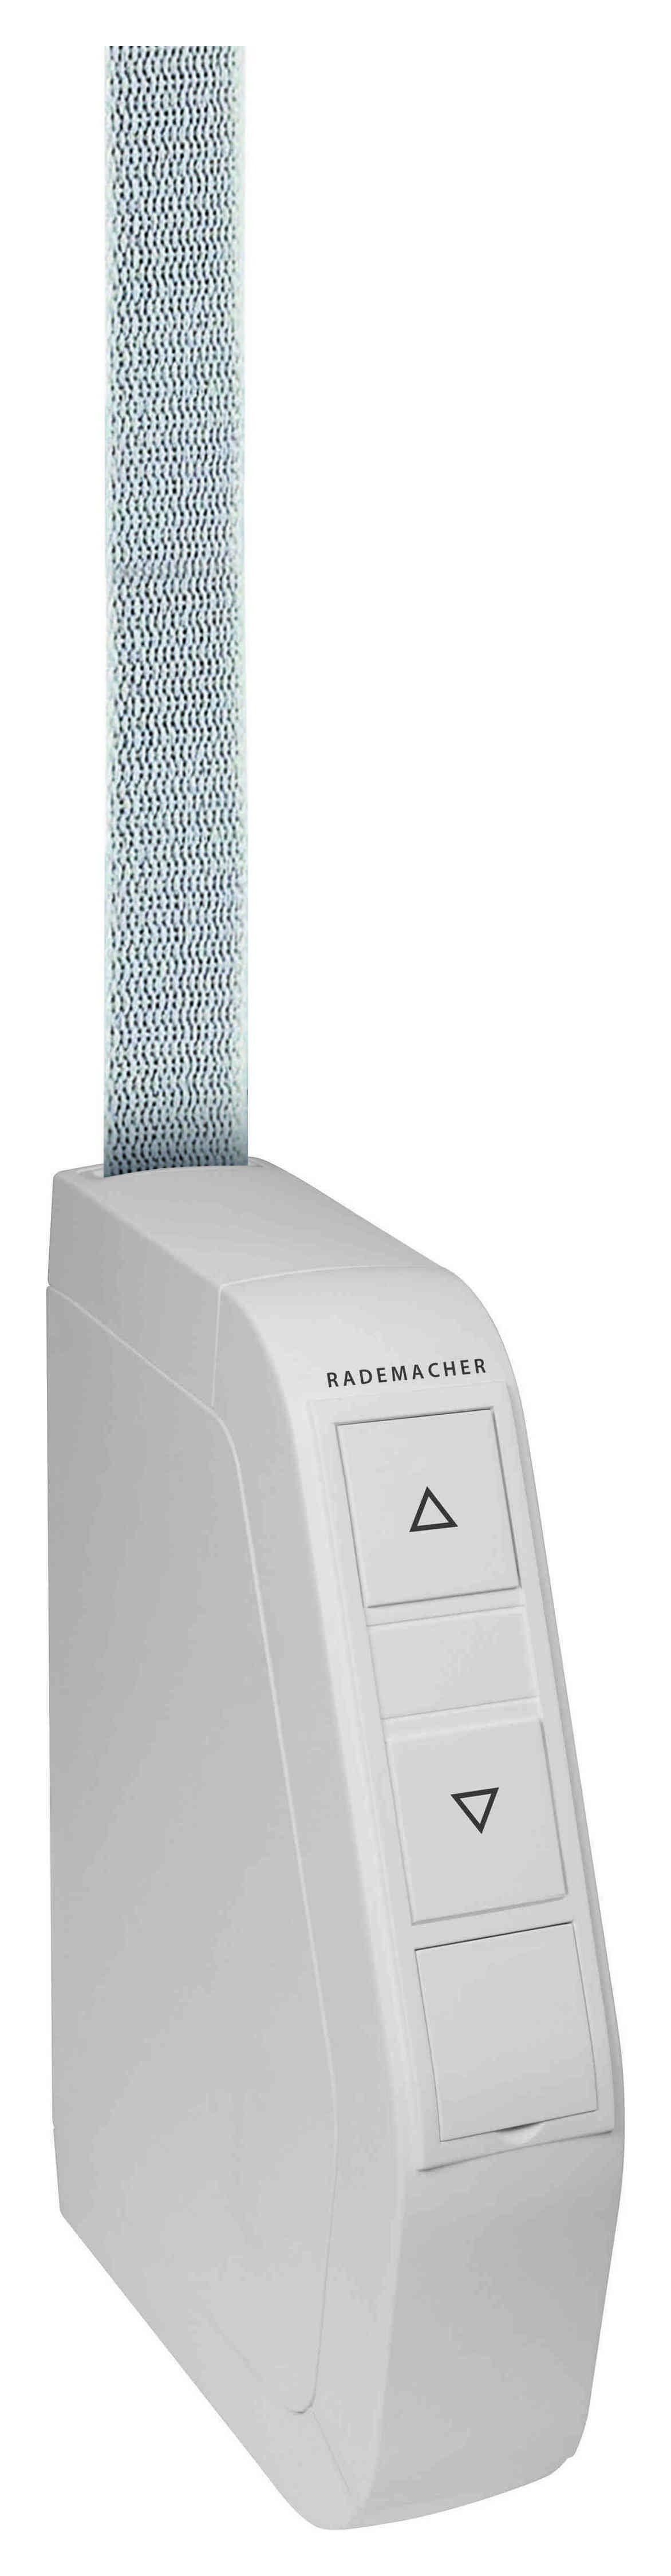 Rademacher Schwenk-Gurtwickler für Rollläden »RolloTron Standard 1510-UW«